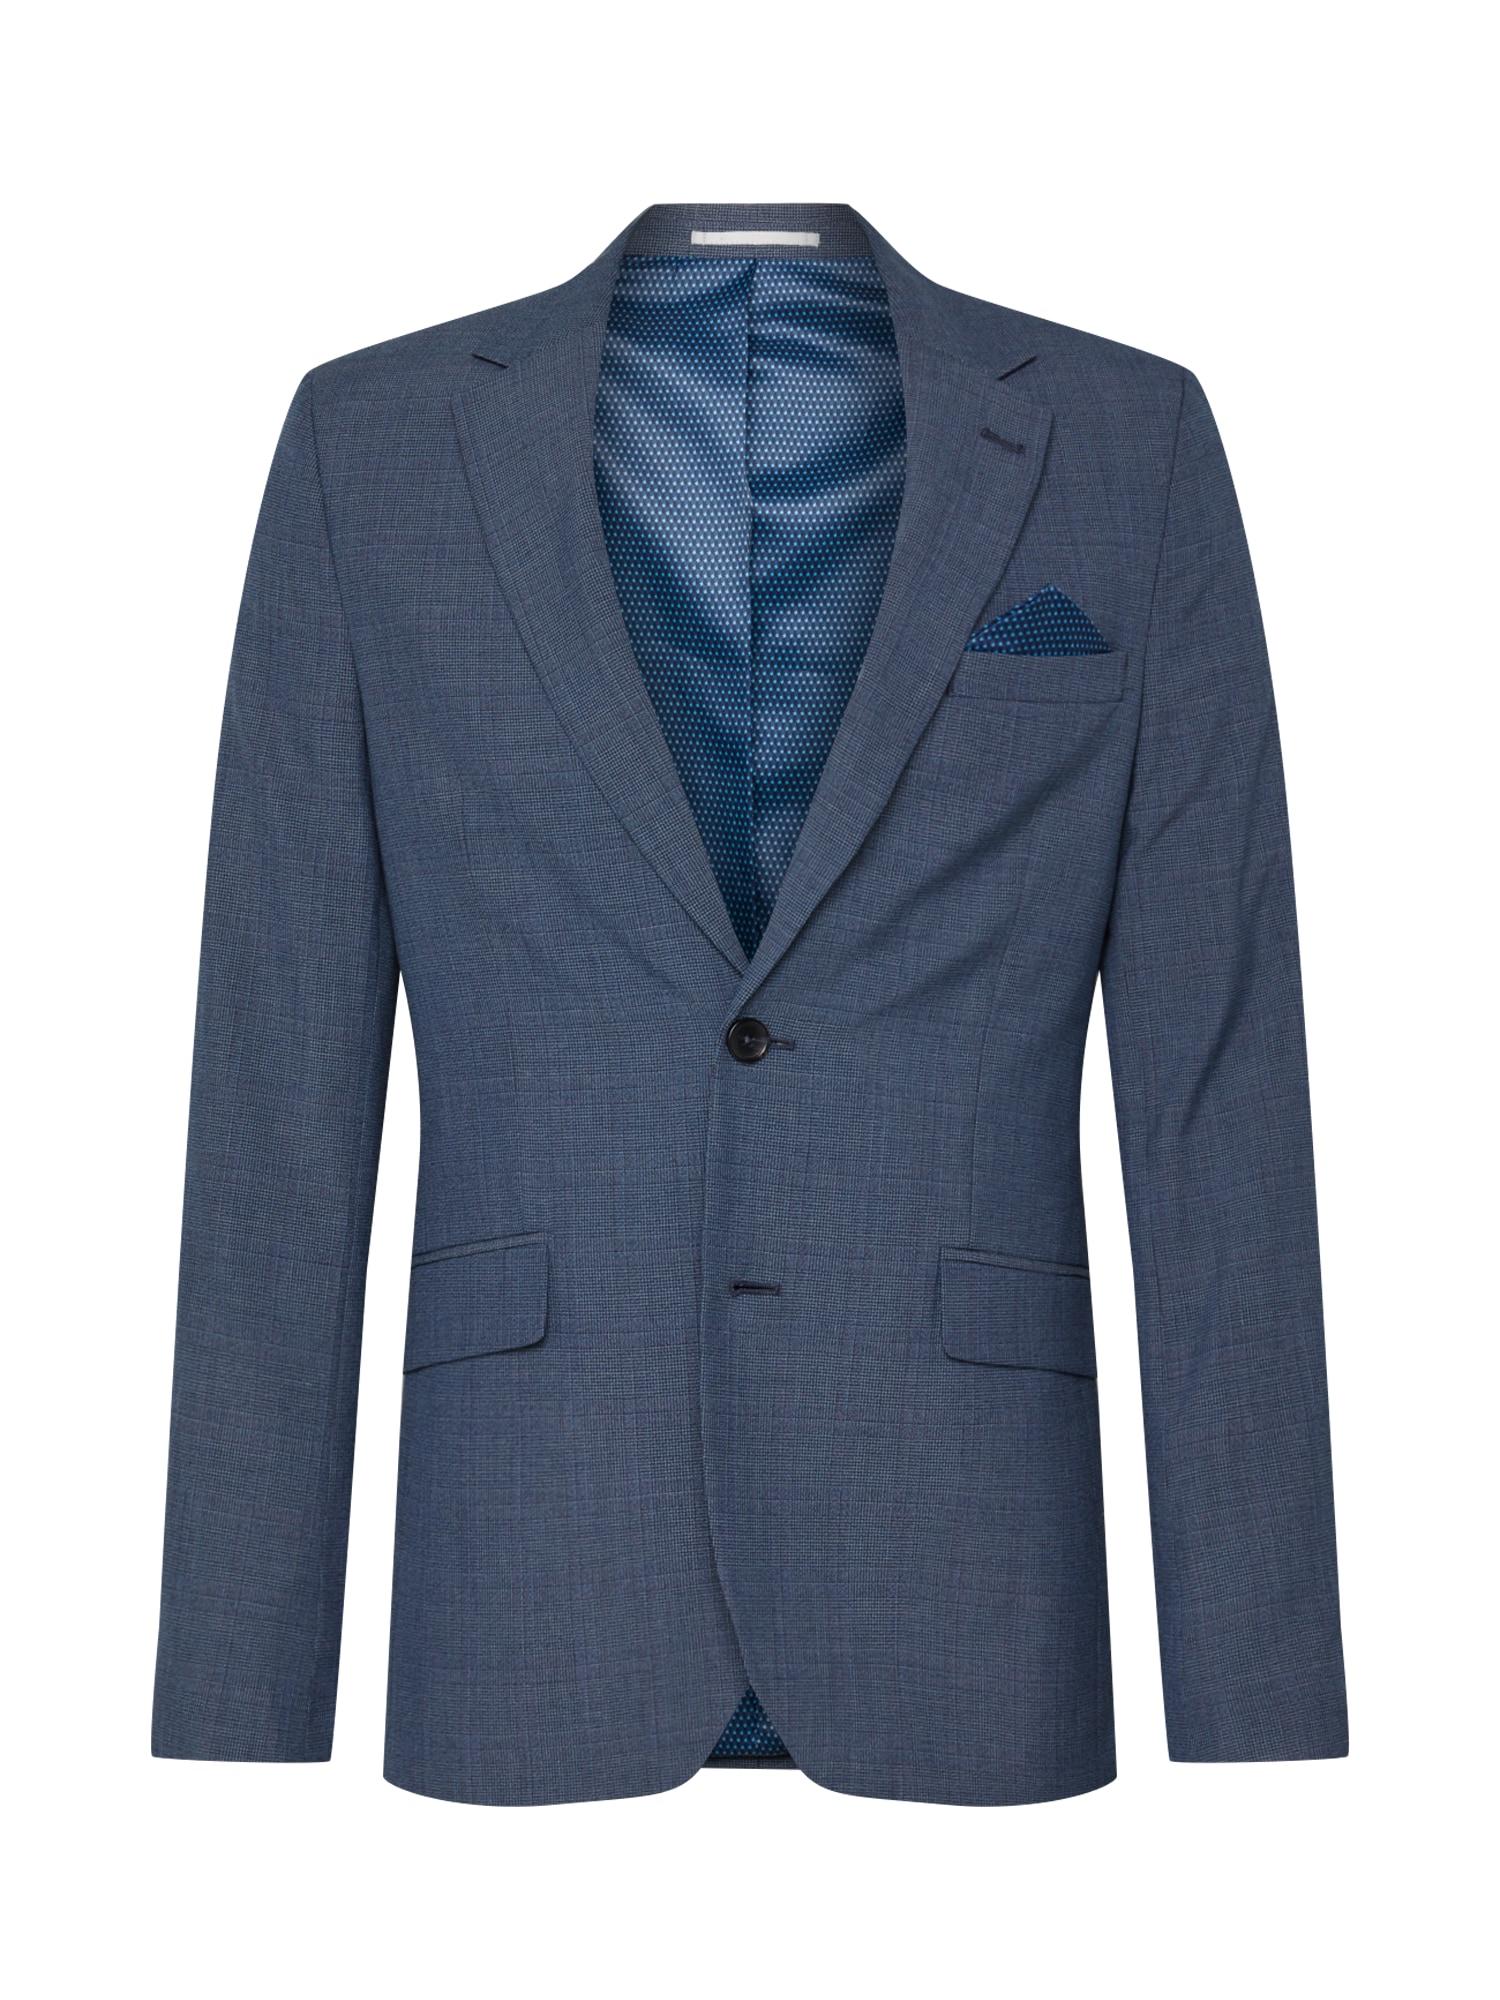 BURTON MENSWEAR LONDON Dalykinio stiliaus švarkas mėlyna